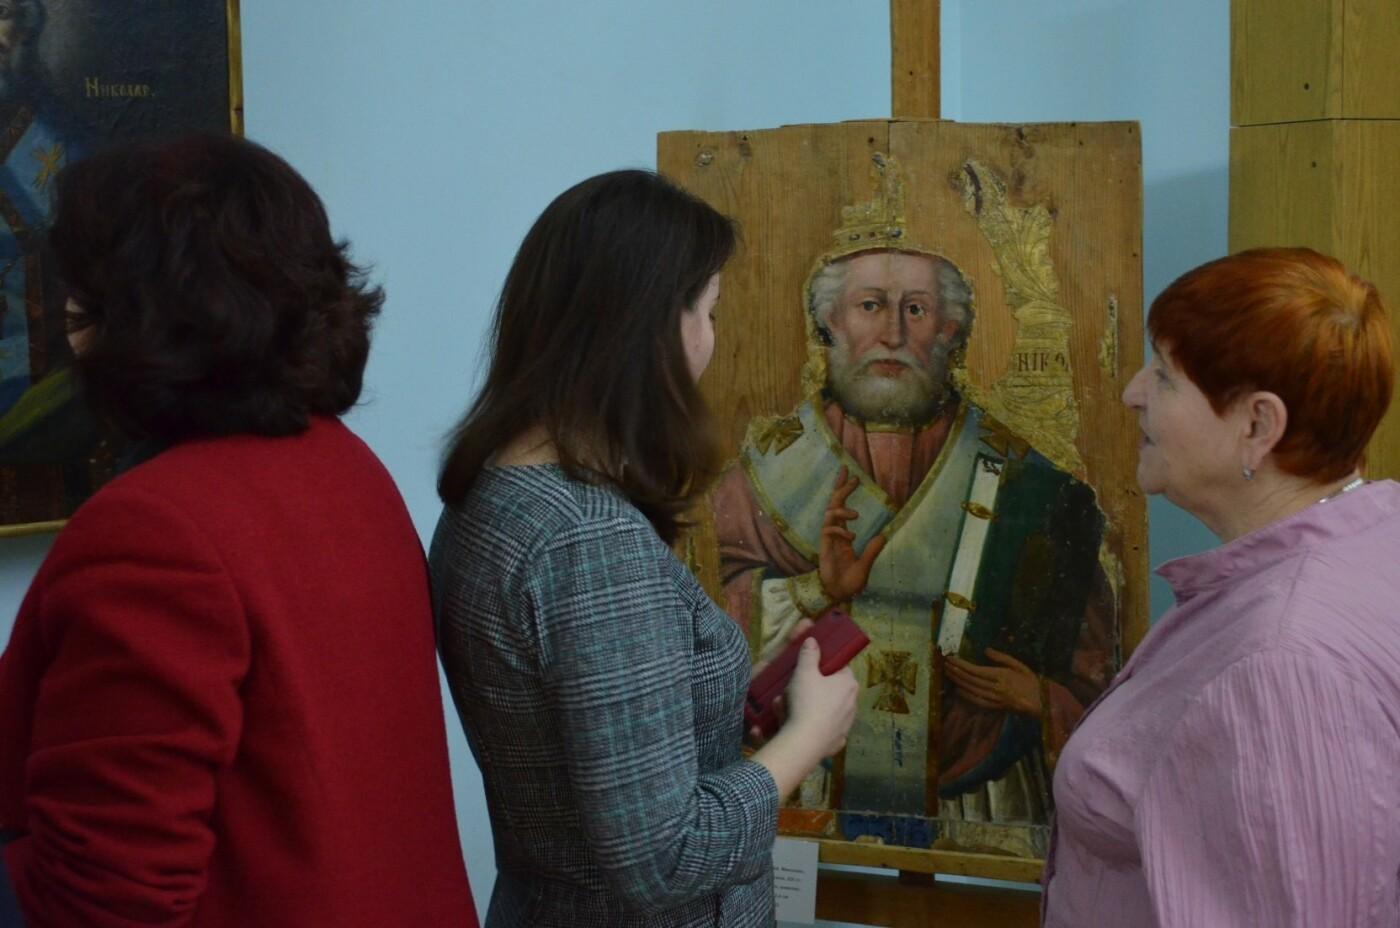 В мелитопольском музее открылась выставка икон Святого Николая, - ФОТО, фото-4